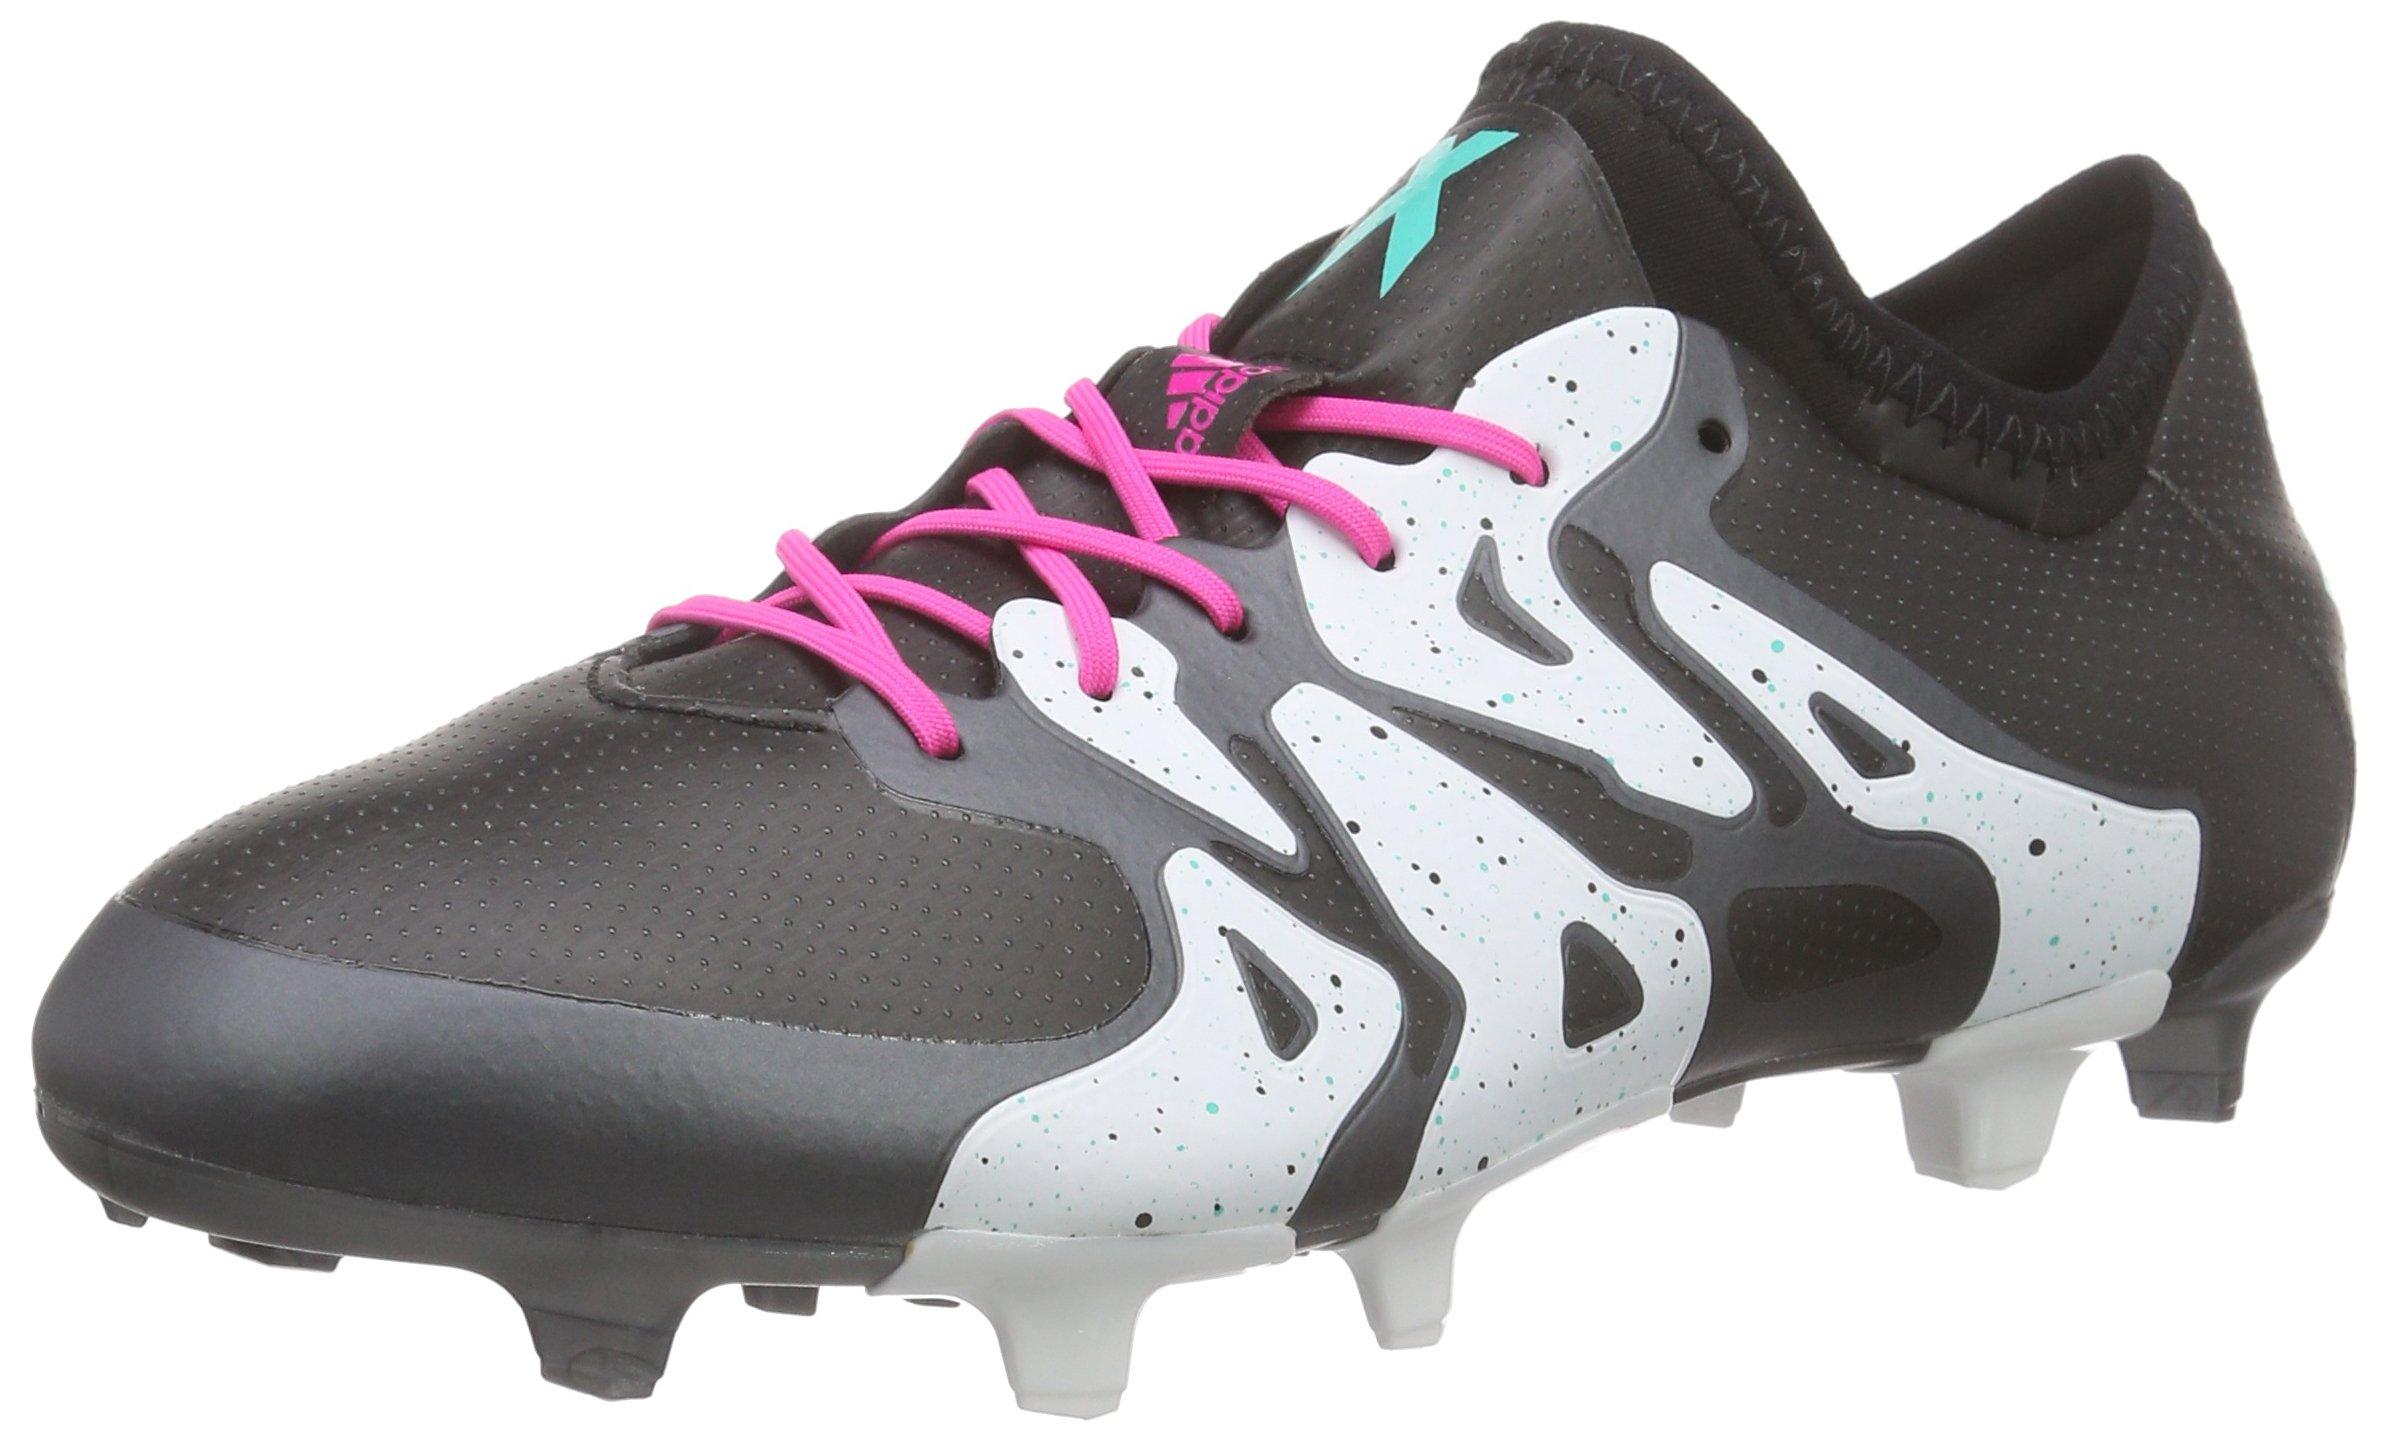 adidas X 15.1 FG/AG Football Boots- Buy